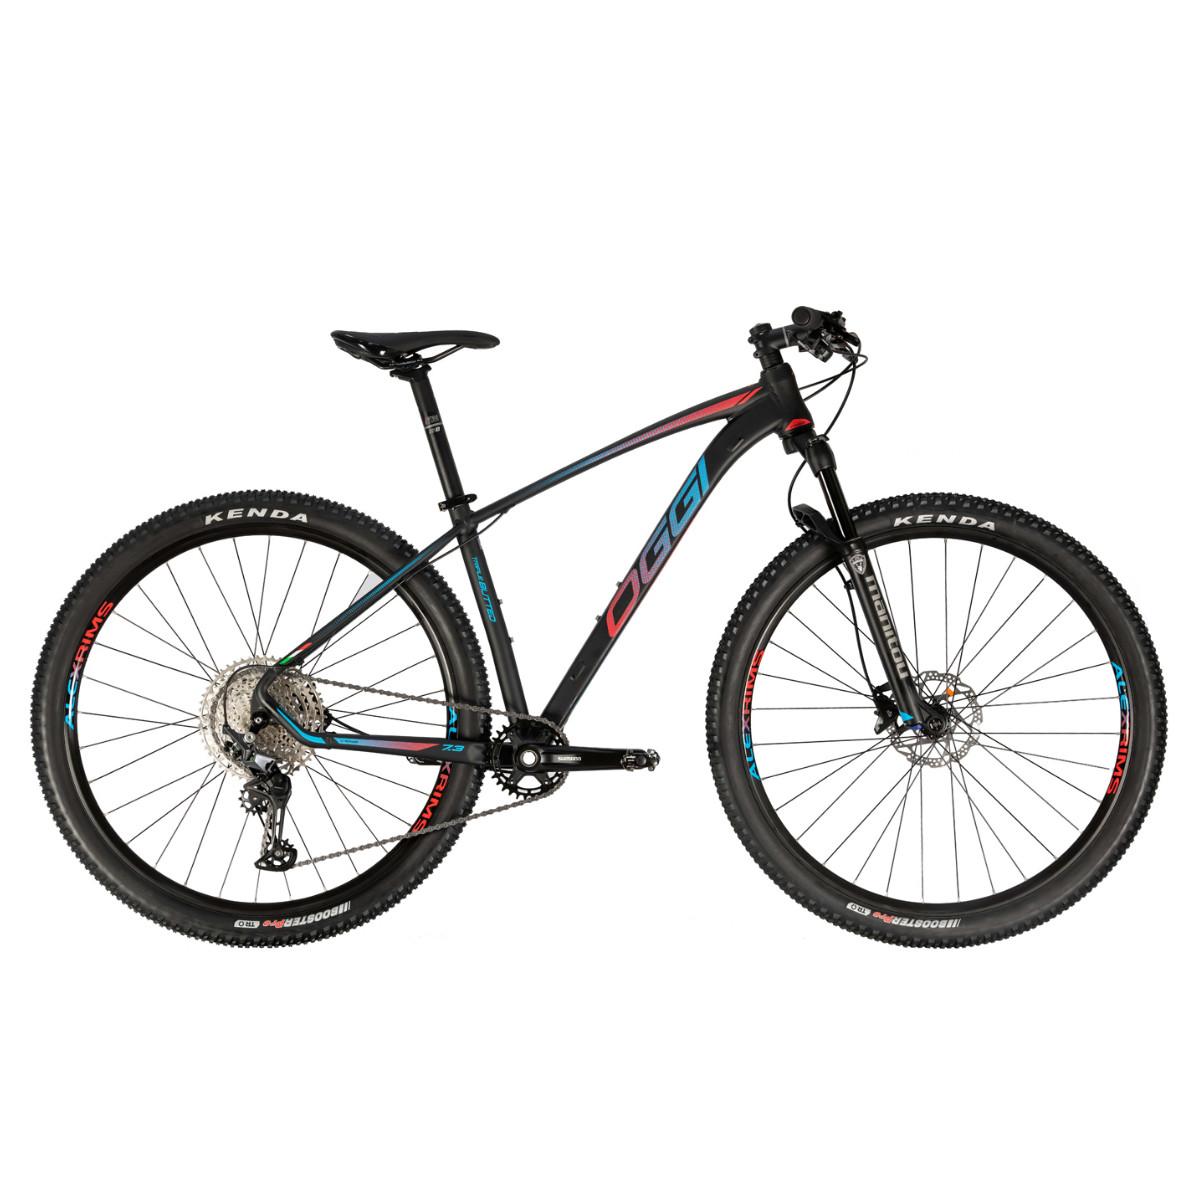 Bicicleta Mtb Oggi Big Wheel 7.3 Aro 29 2021 - Preto Vermelho e Azul